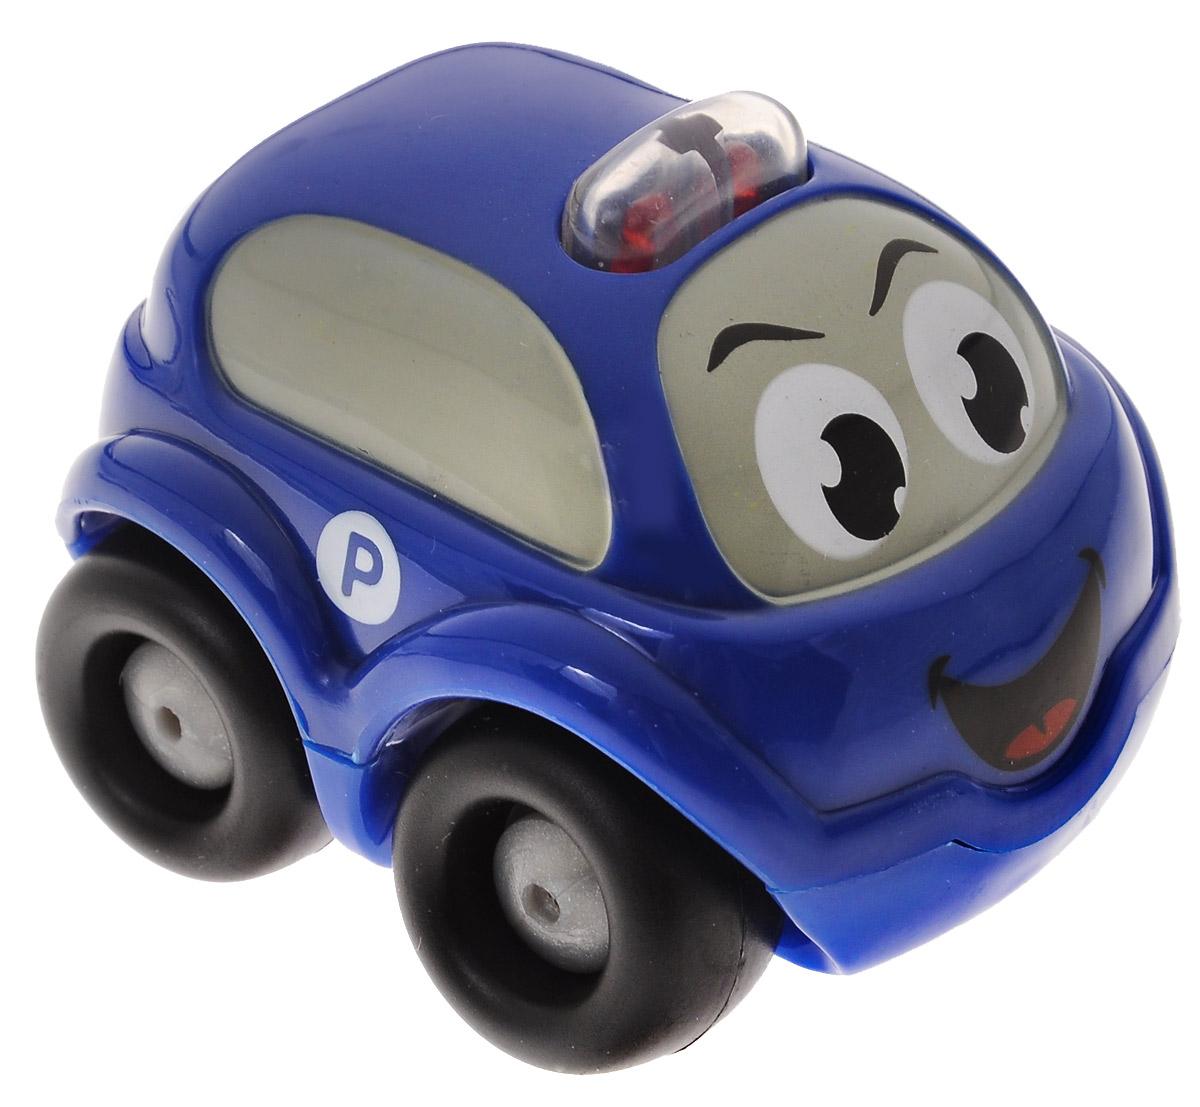 Smoby Машинка Vroom Planet цвет синий211253_синийМини-машинка из серии Vroom Planet непременно привлечет внимание малыша благодаря звуковым и световым эффектам. Игрушка выполнена из абсолютно безопасного для малыша высококачественного пластика. Машинка снабжена небольшим моторчиком и дополнен световыми и звуковыми эффектами. Игра с машинкой помогает развивать мелкую моторику, цветовосприятие, координацию движений, а также являются хорошим средством для развлечения ребенка. Порадуйте своего малыша таким замечательным подарком. Питание: 2 батарейки напряжением 1,5V типа LR44/AG13 (входят в комплект).